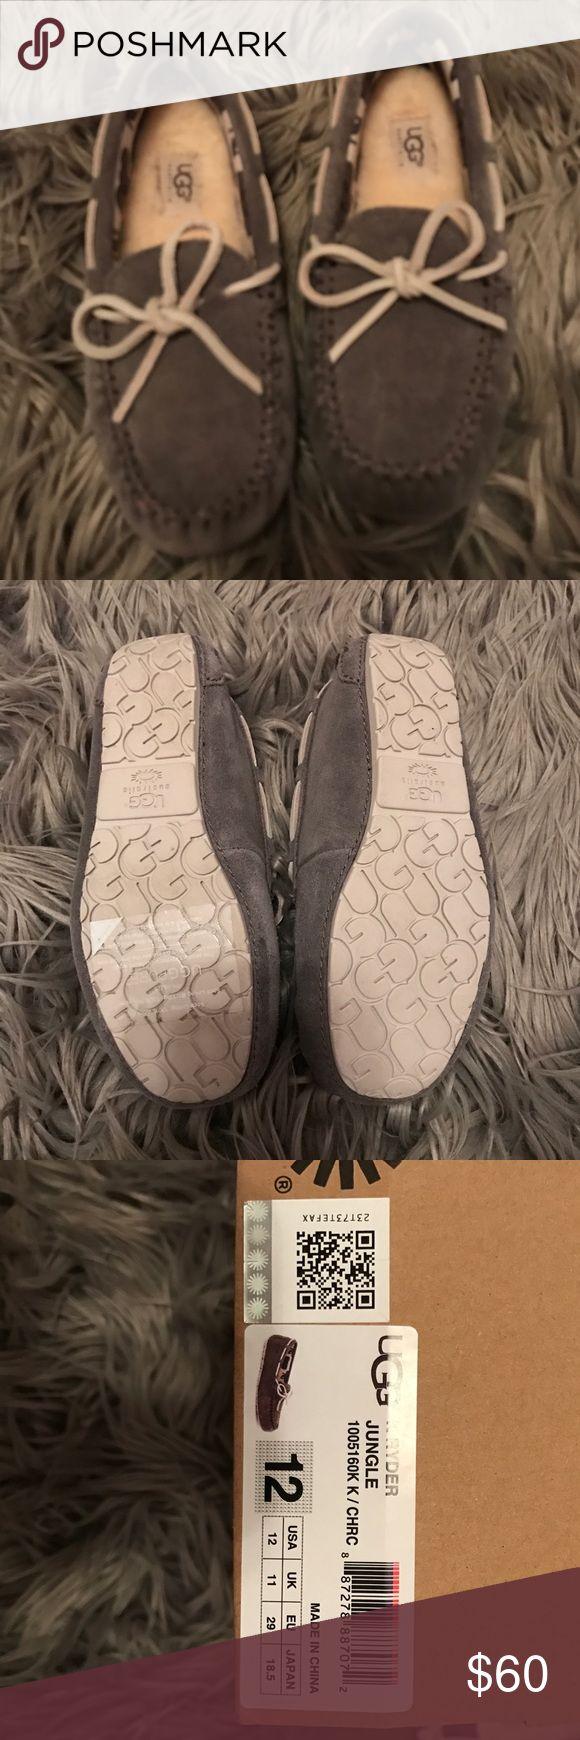 Boys Ugg K Ryder Jungle NIB boys ugg shoes. UGG Shoes Moccasins